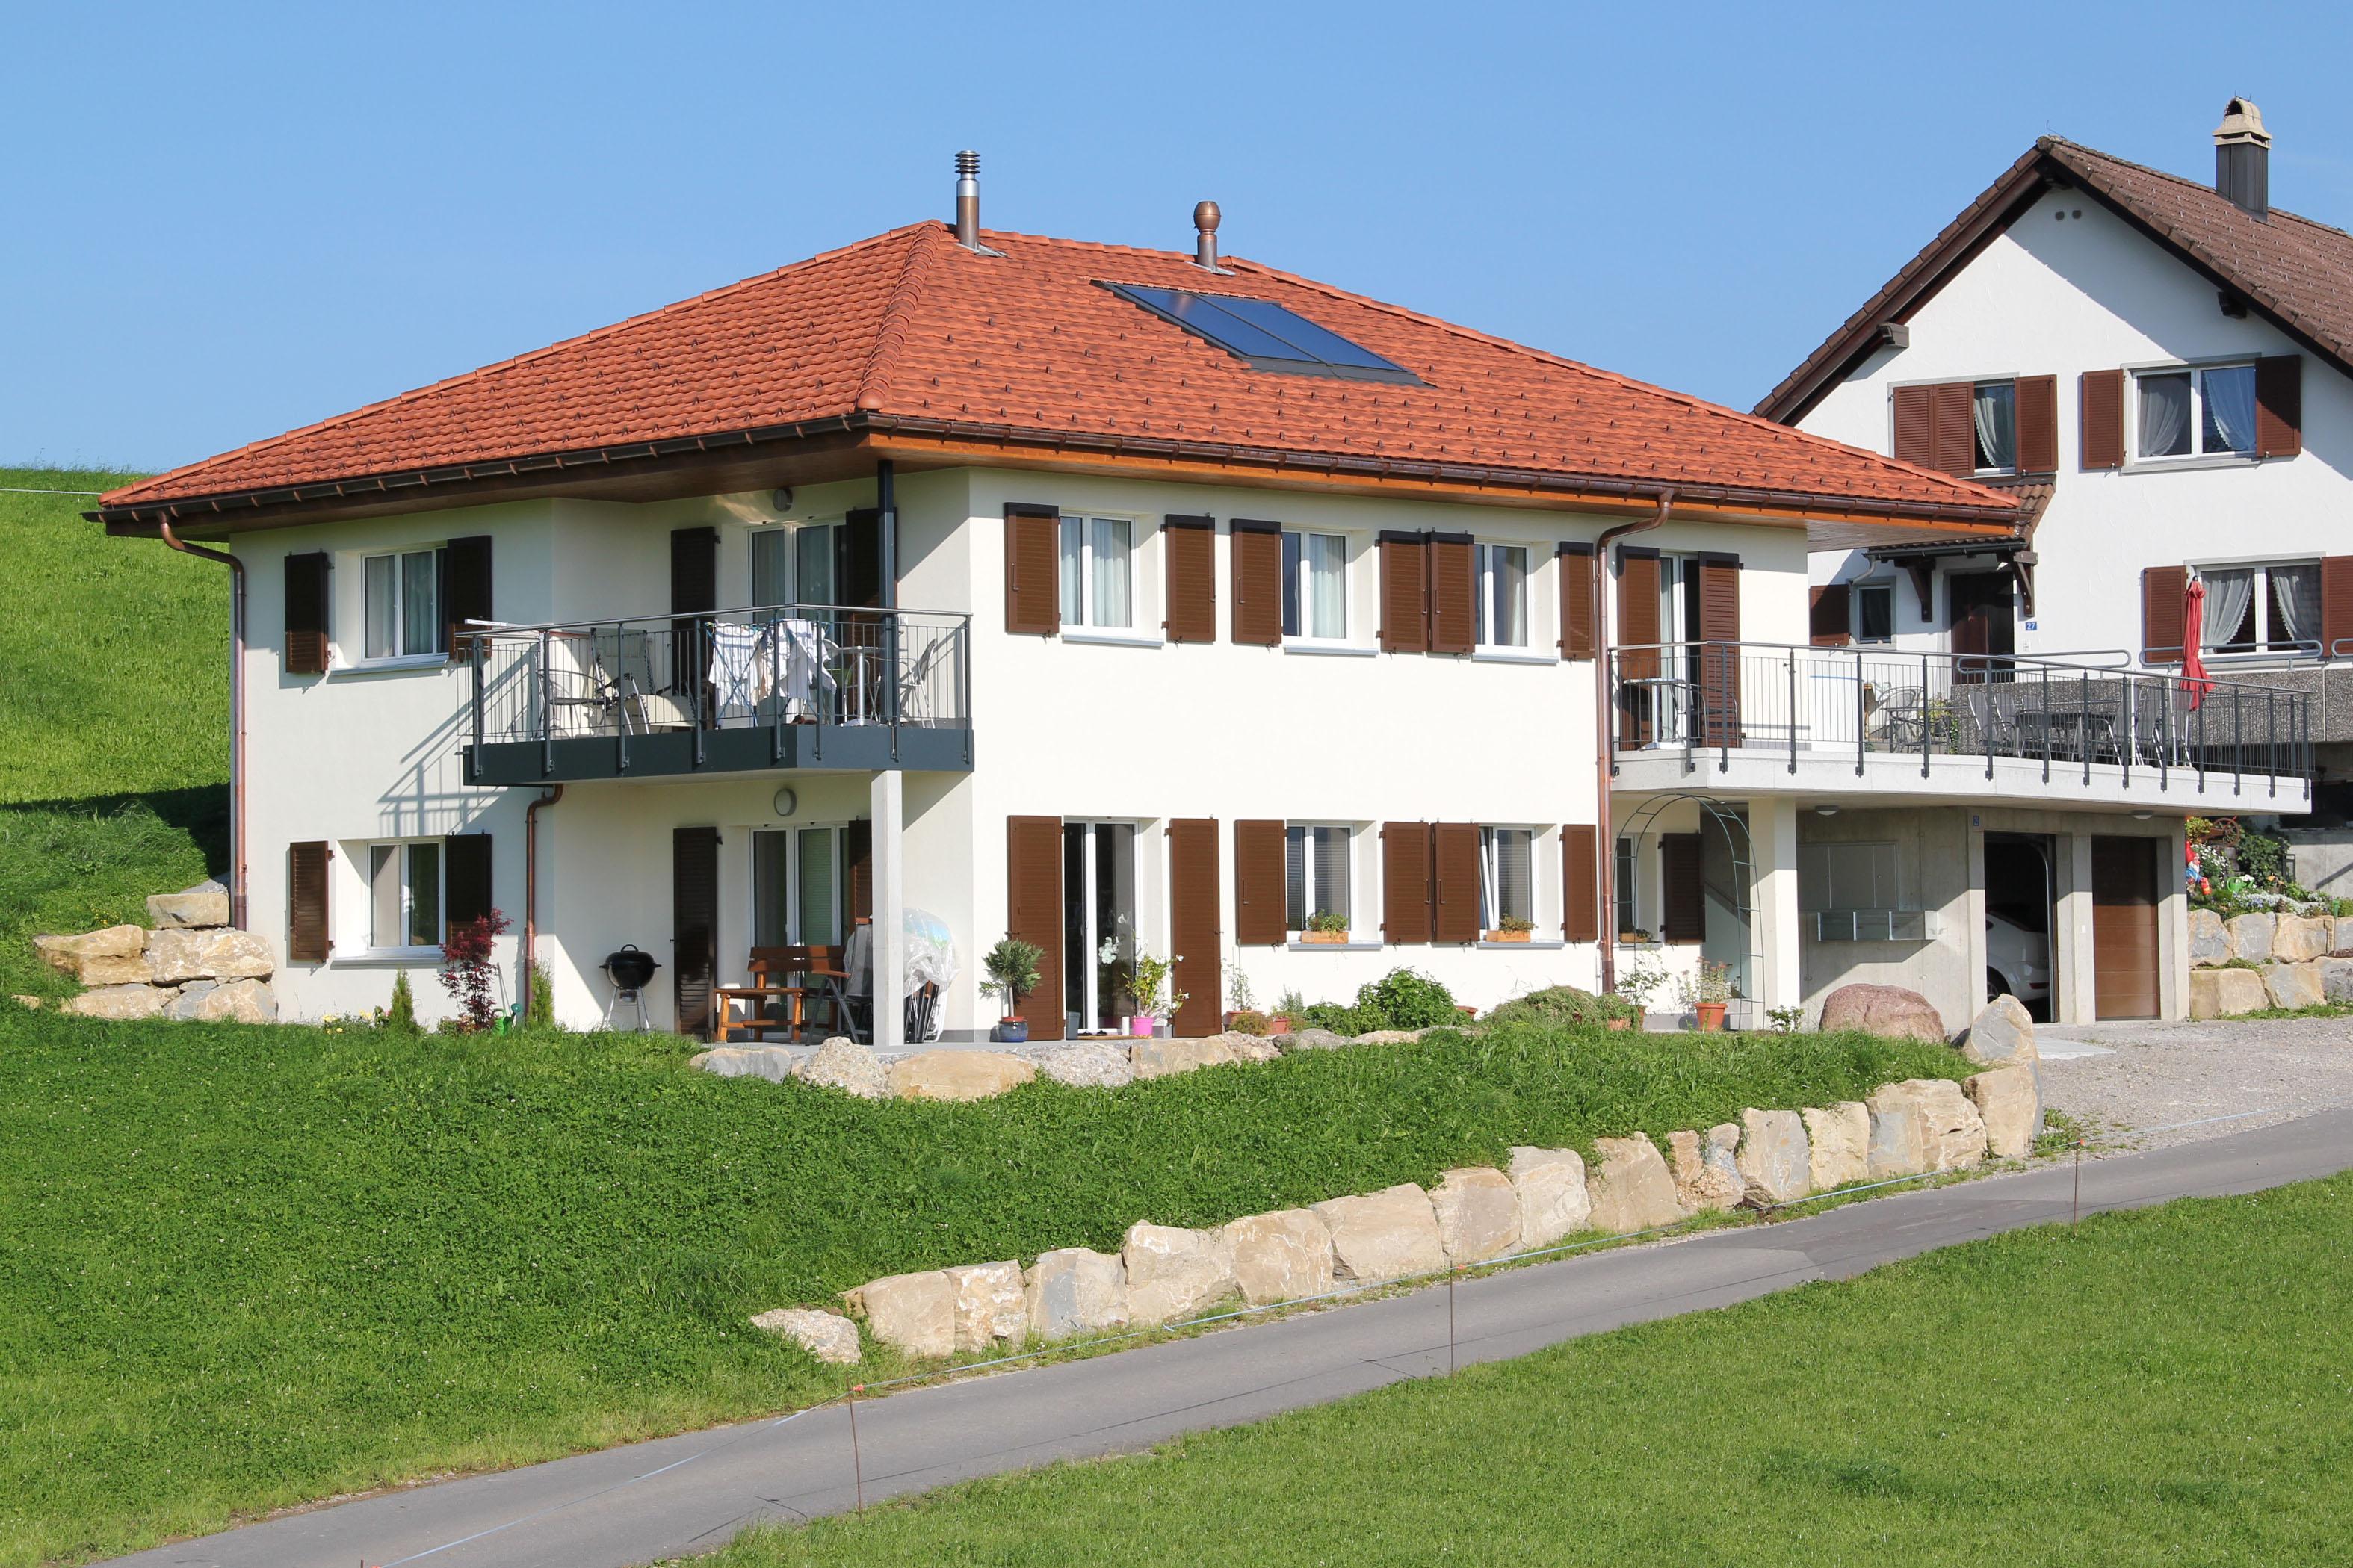 Neubau Architektur Ersatzbau Ronner Bauleitung Planung Kaltbrunn modern Zeltdach Landwirtschaft Bauern Betrieb Haus zeitgenössisch